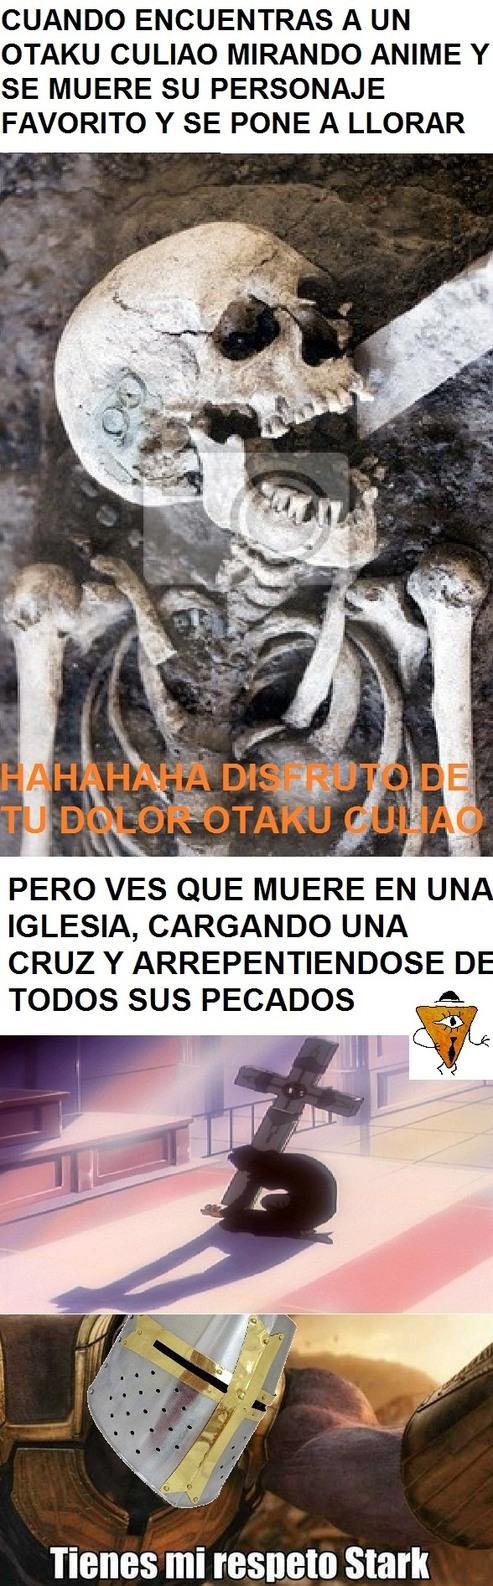 Esqueleto cristiano - meme